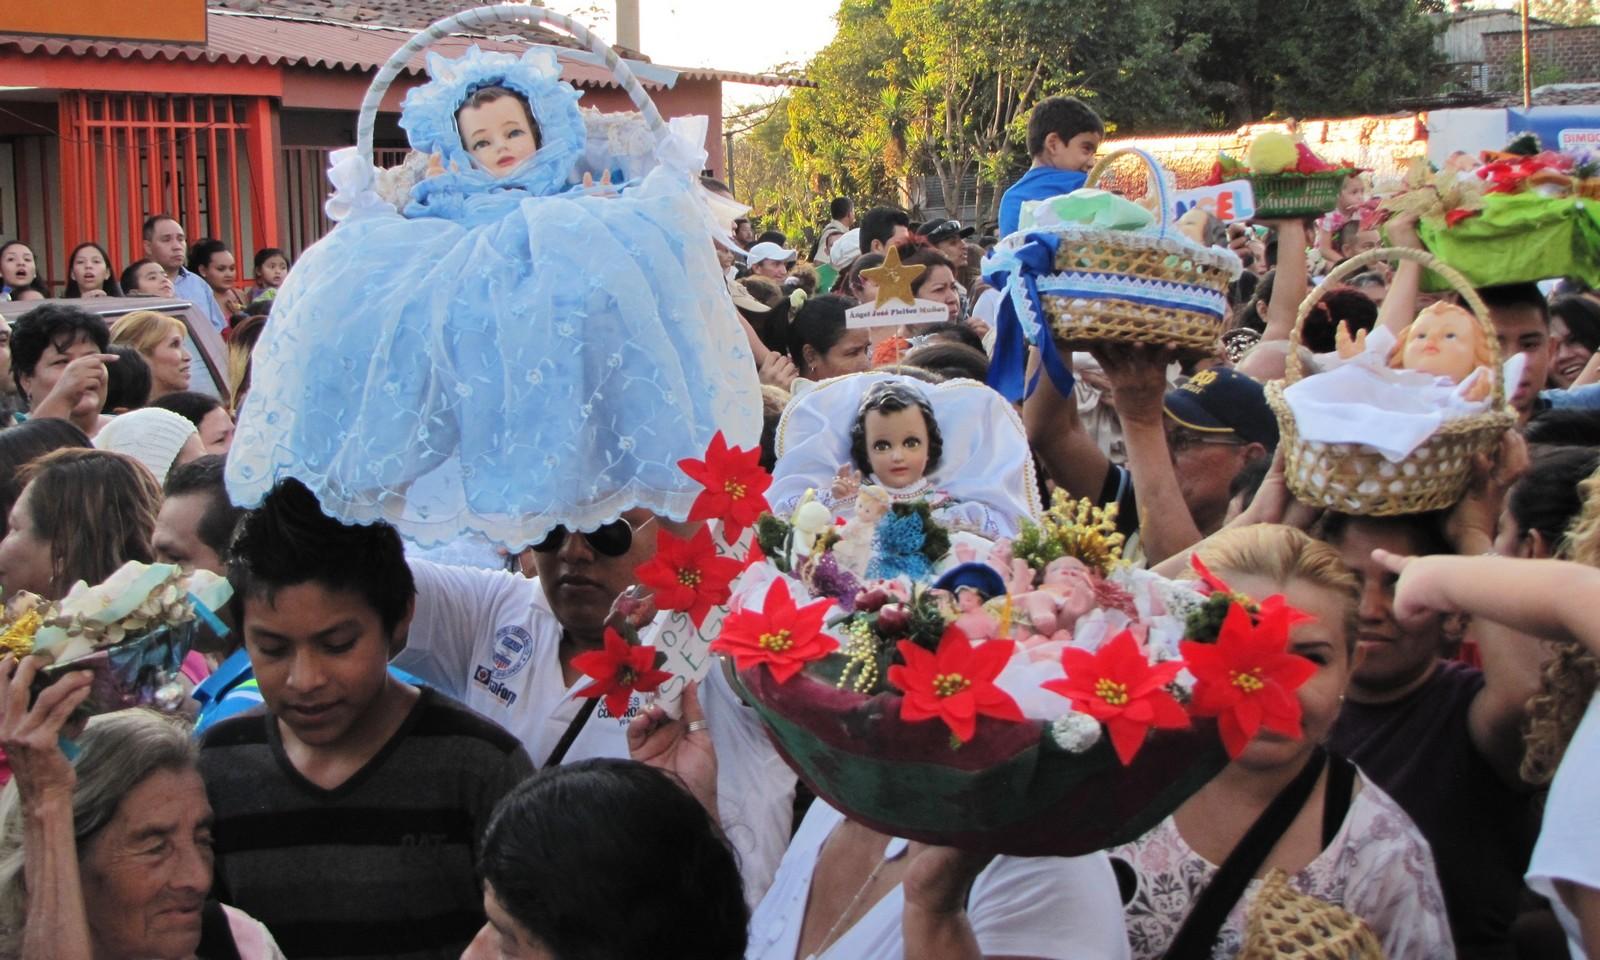 Santos Inocentes de Antiguo Cuscatlán, gran Devoción Popular, El Salvador (28 dic)